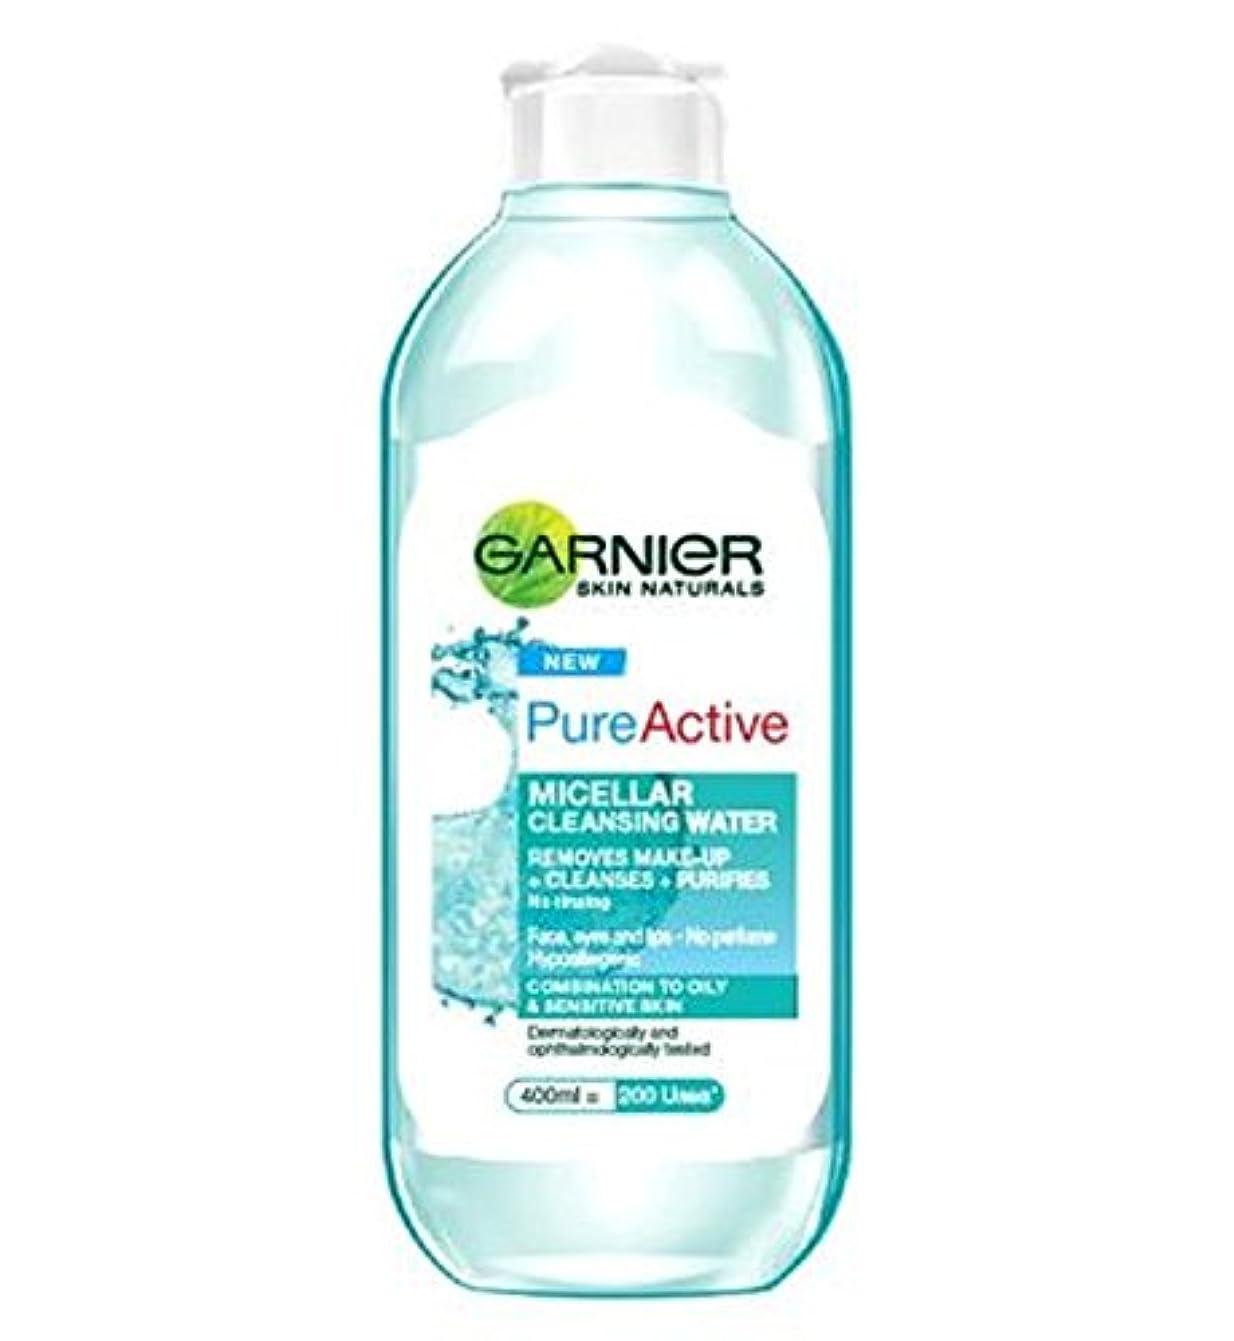 液体鉛何よりもガルニエ純粋なミセル洗浄水400ミリリットル (Garnier) (x2) - Garnier Pure Micellar Cleansing Water 400ml (Pack of 2) [並行輸入品]